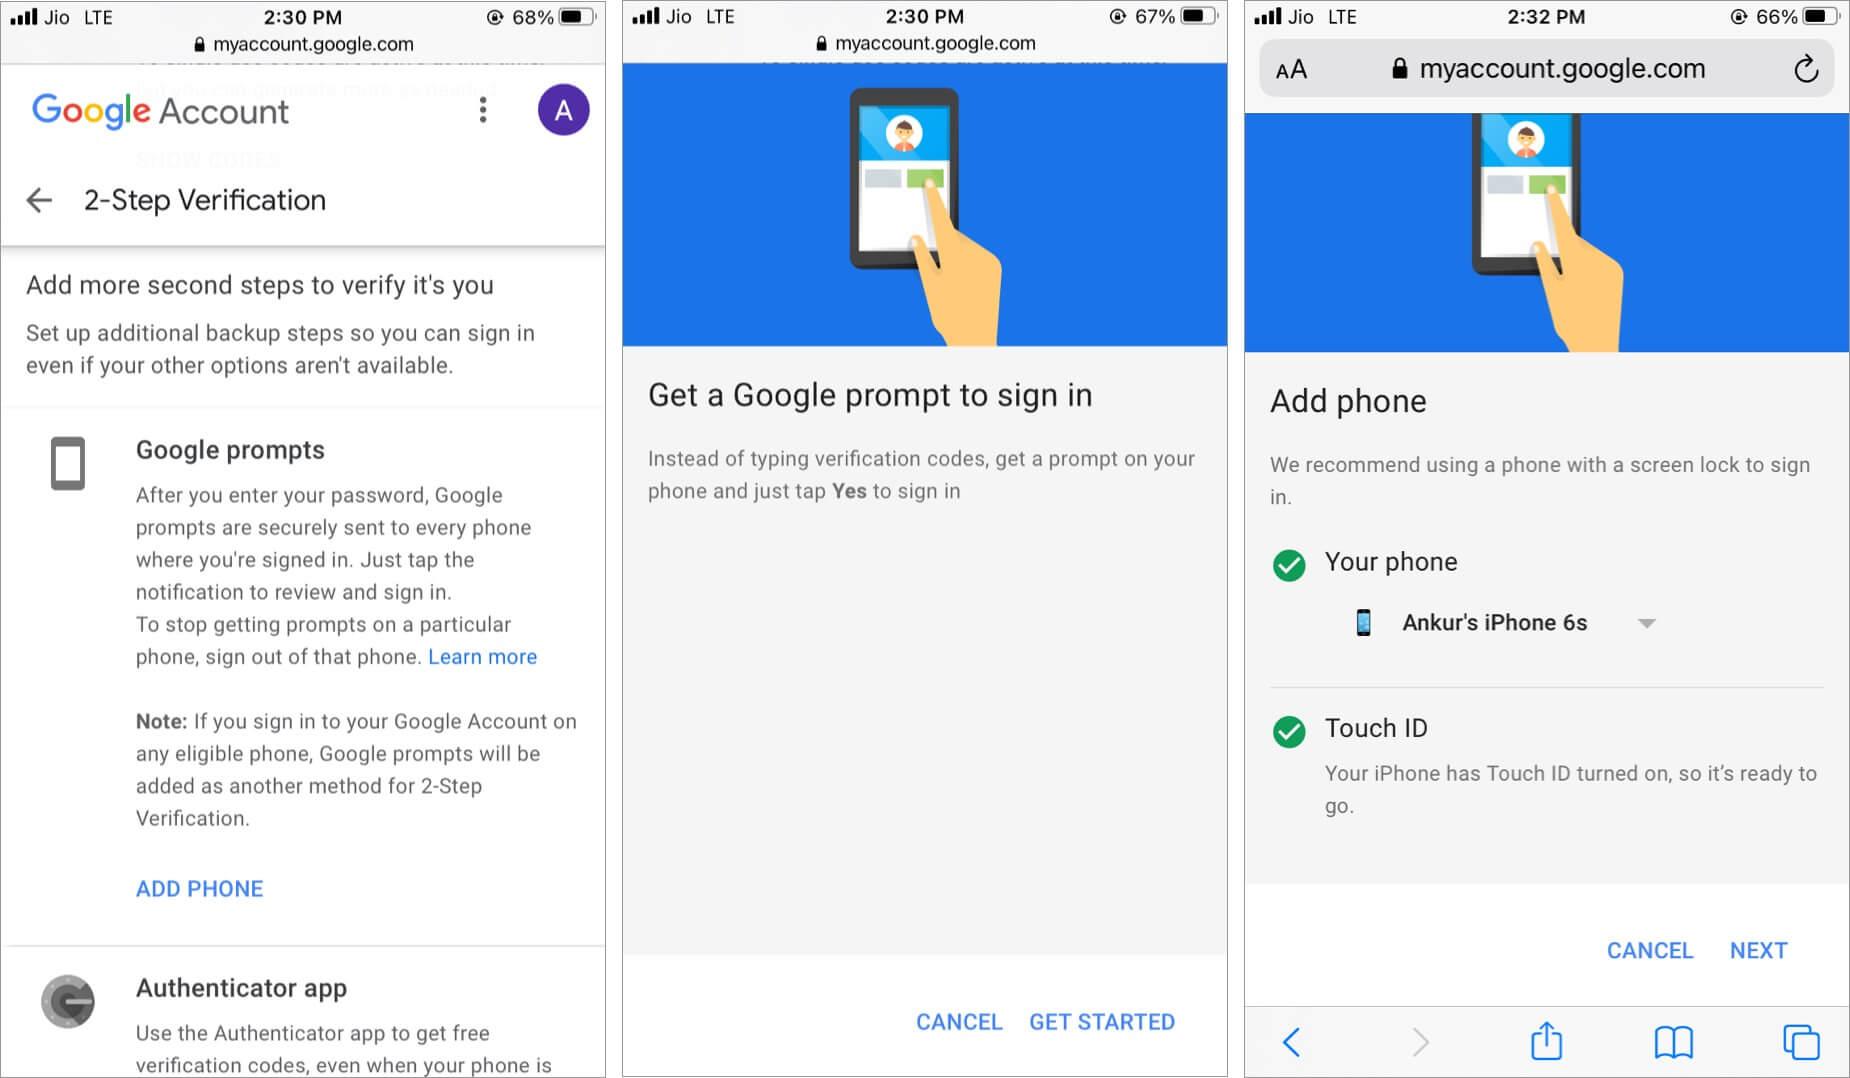 Добавьте телефон, чтобы получать подсказки Google в Gmail или приложении Google